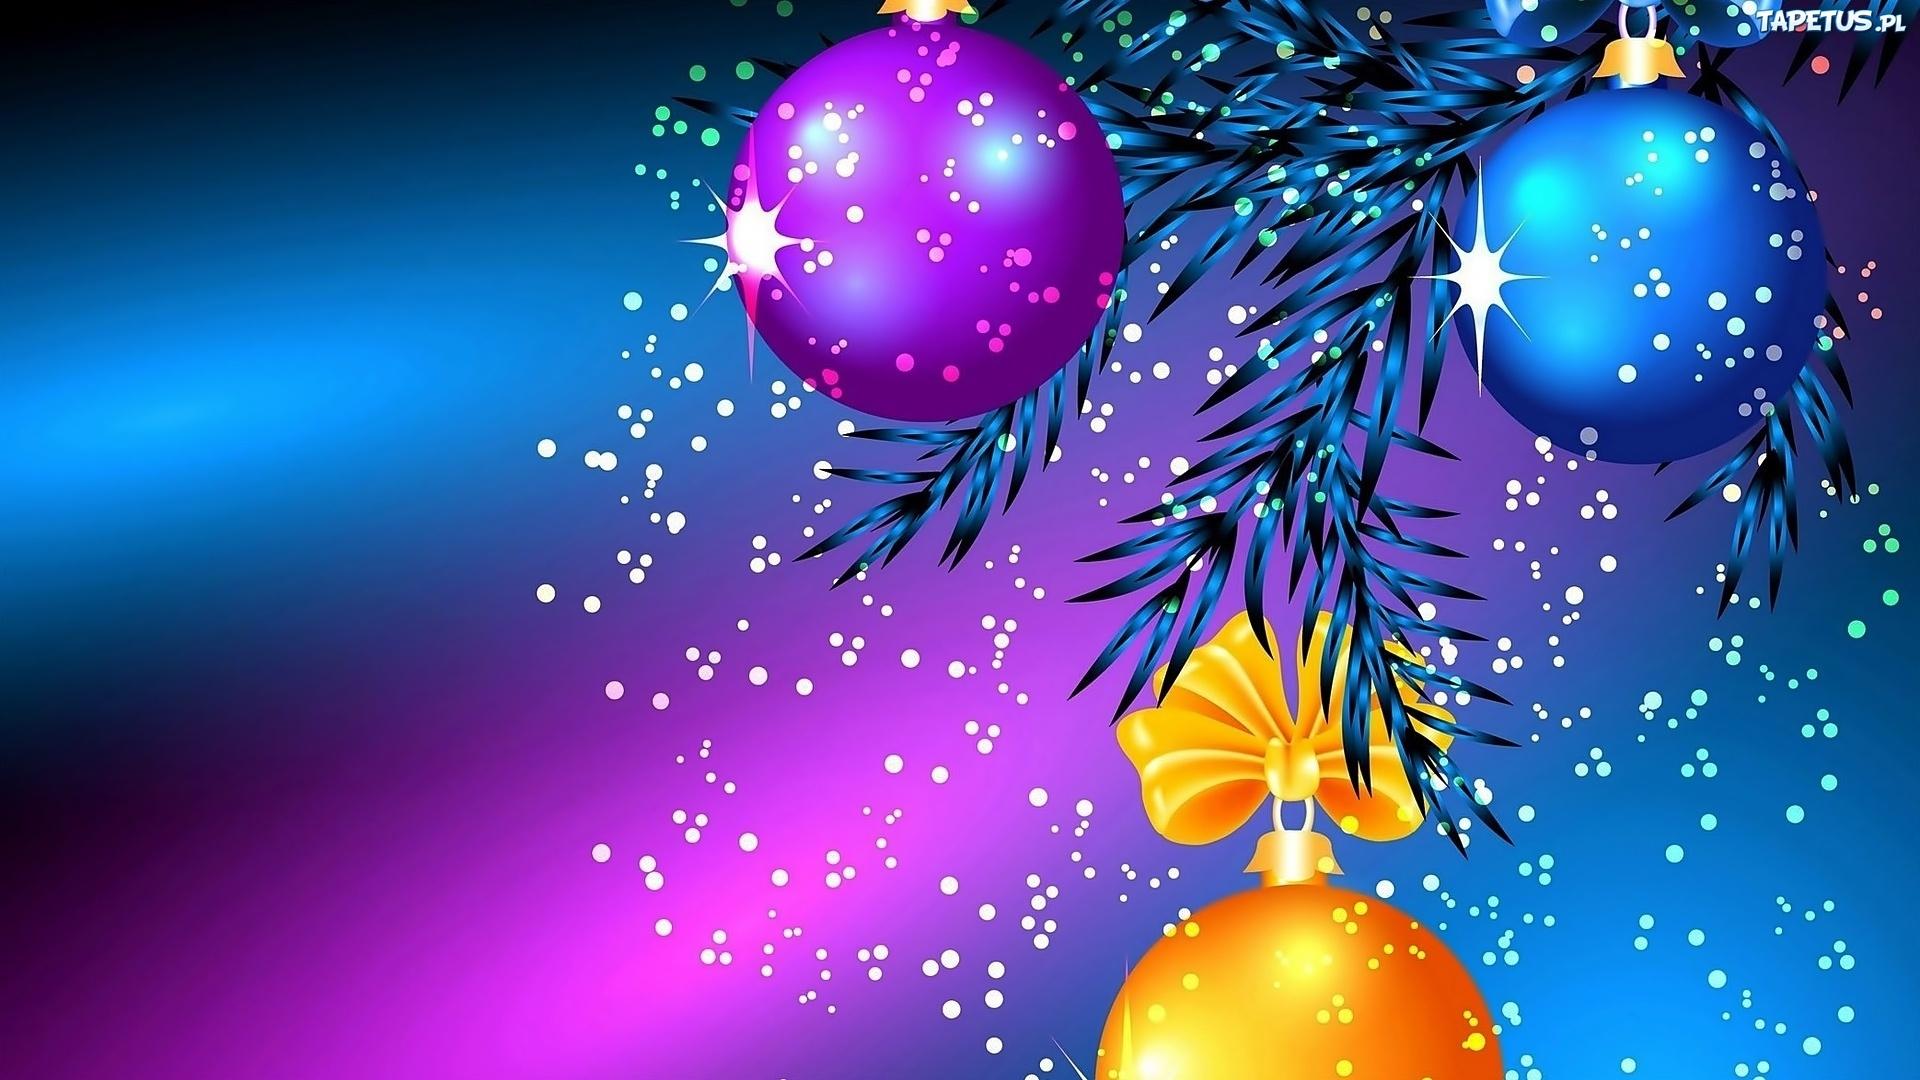 Bo e narodzenie bombki 3d for Sfondi natalizi 1920x1080